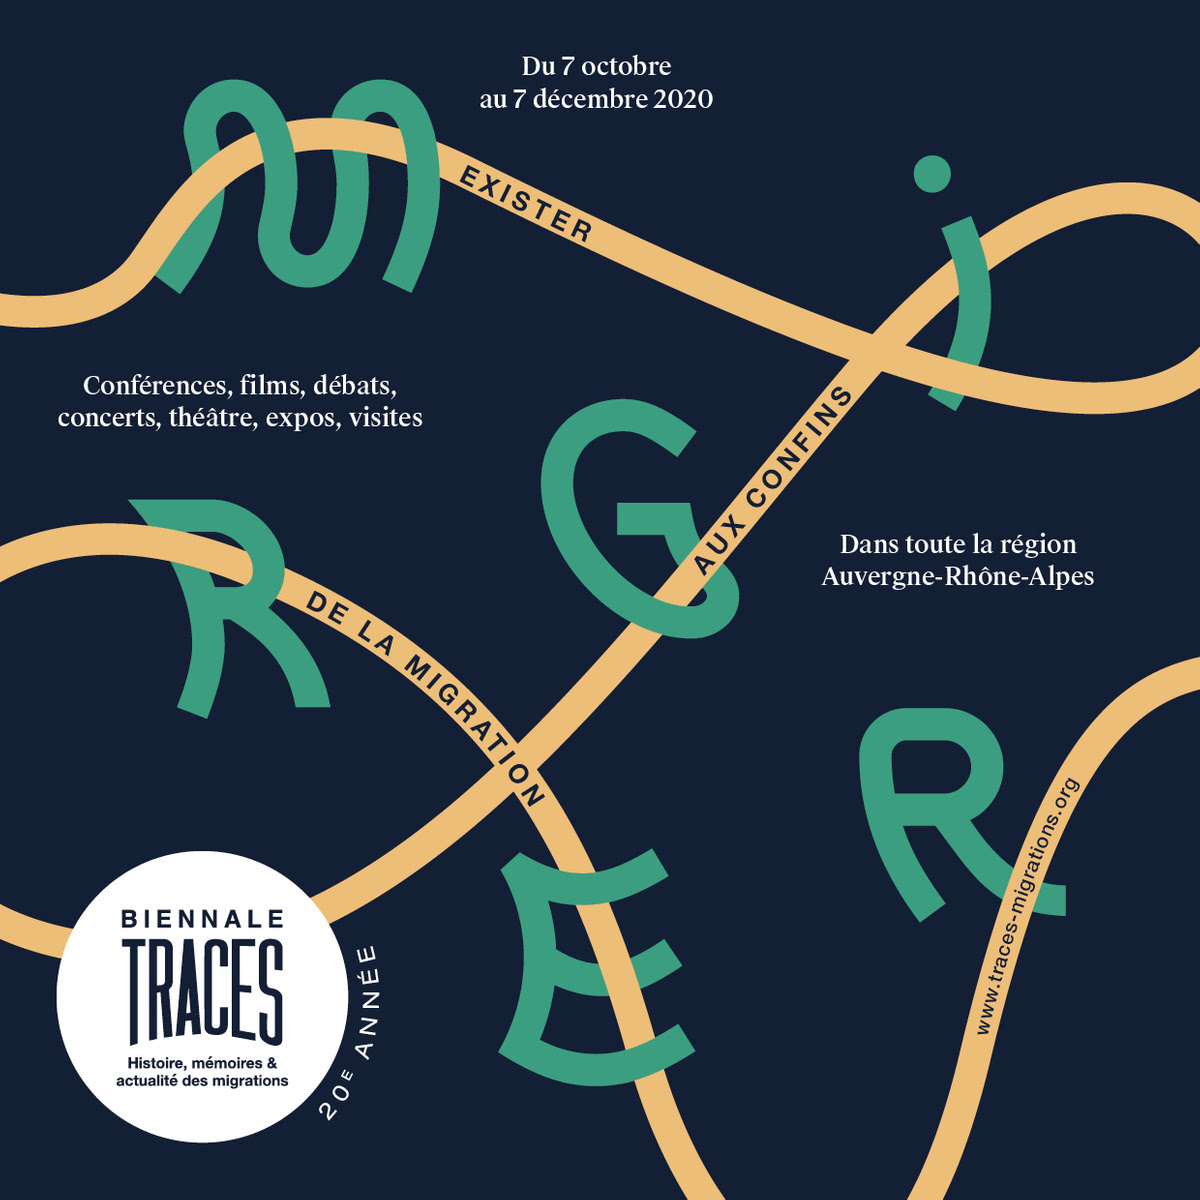 [MIGRATION] 20e anniversaire de la Biennale TRACES jusqu'au 7 décembre 2020 en Auvergne Rhône-Alpes – Africa 50 partenaire